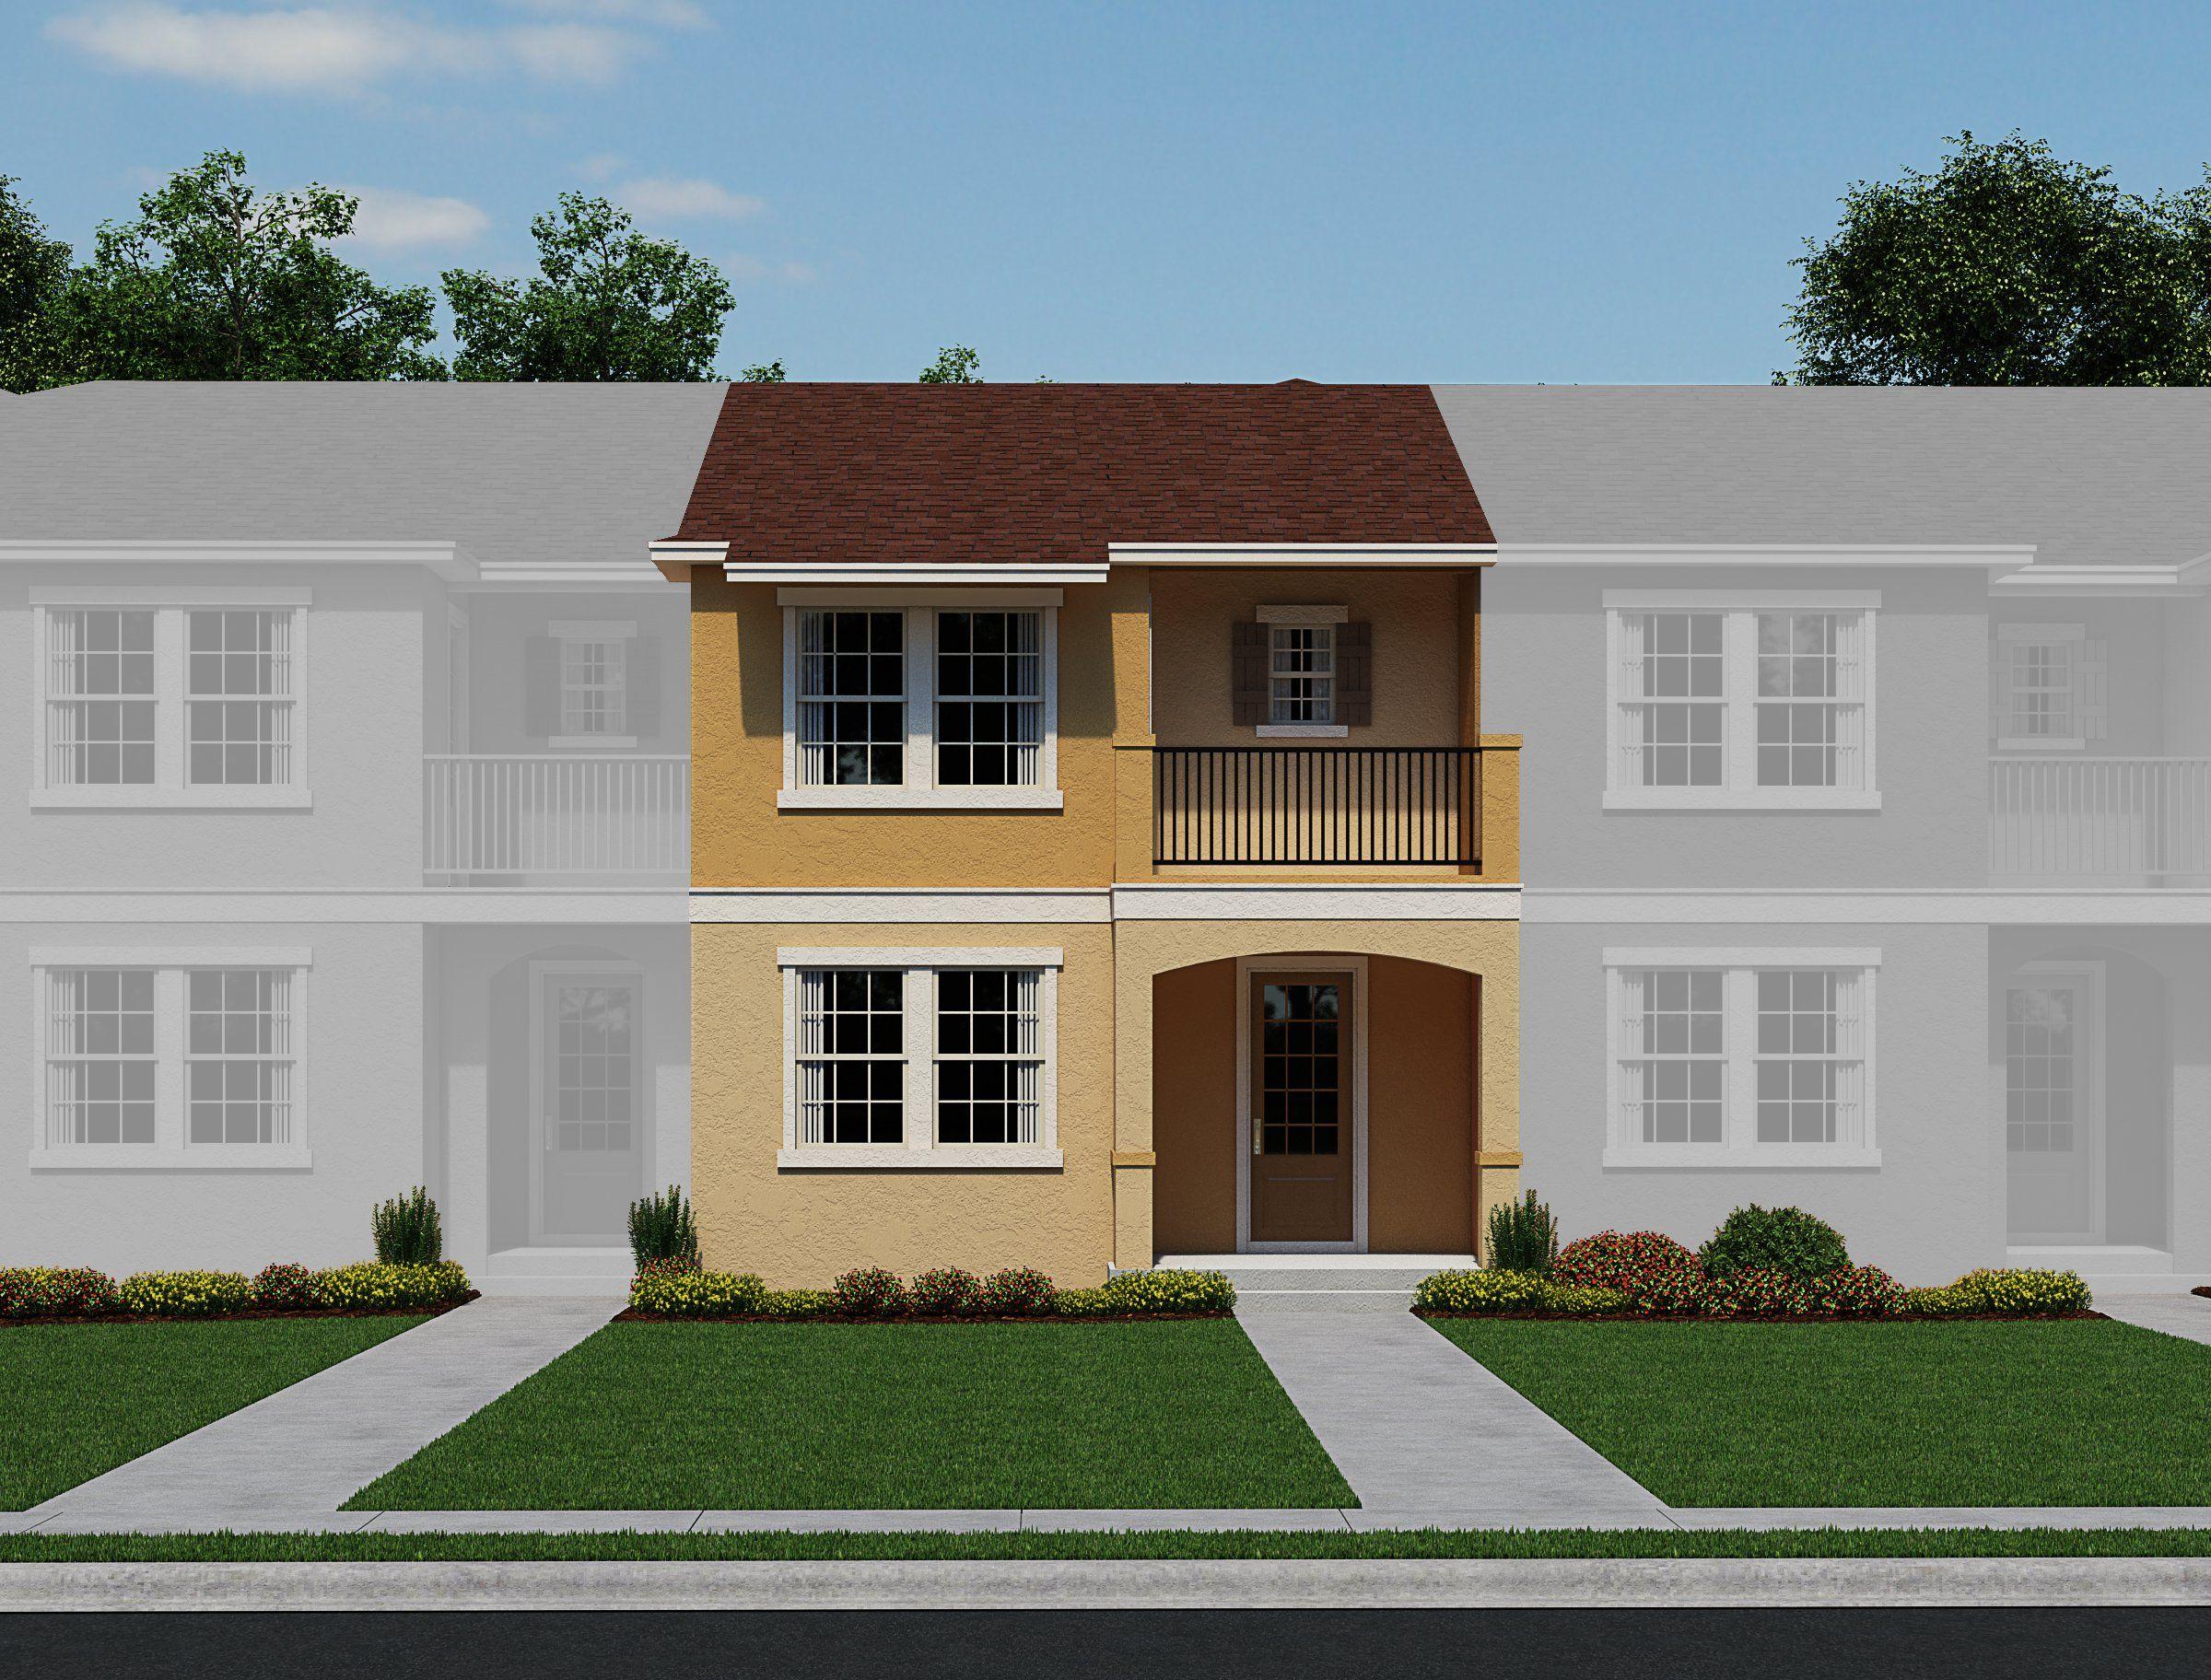 Ashton Woods Homes Hamlin Reserve Lucea 1250893 Winter Garden Fl New Home For Sale Homegain